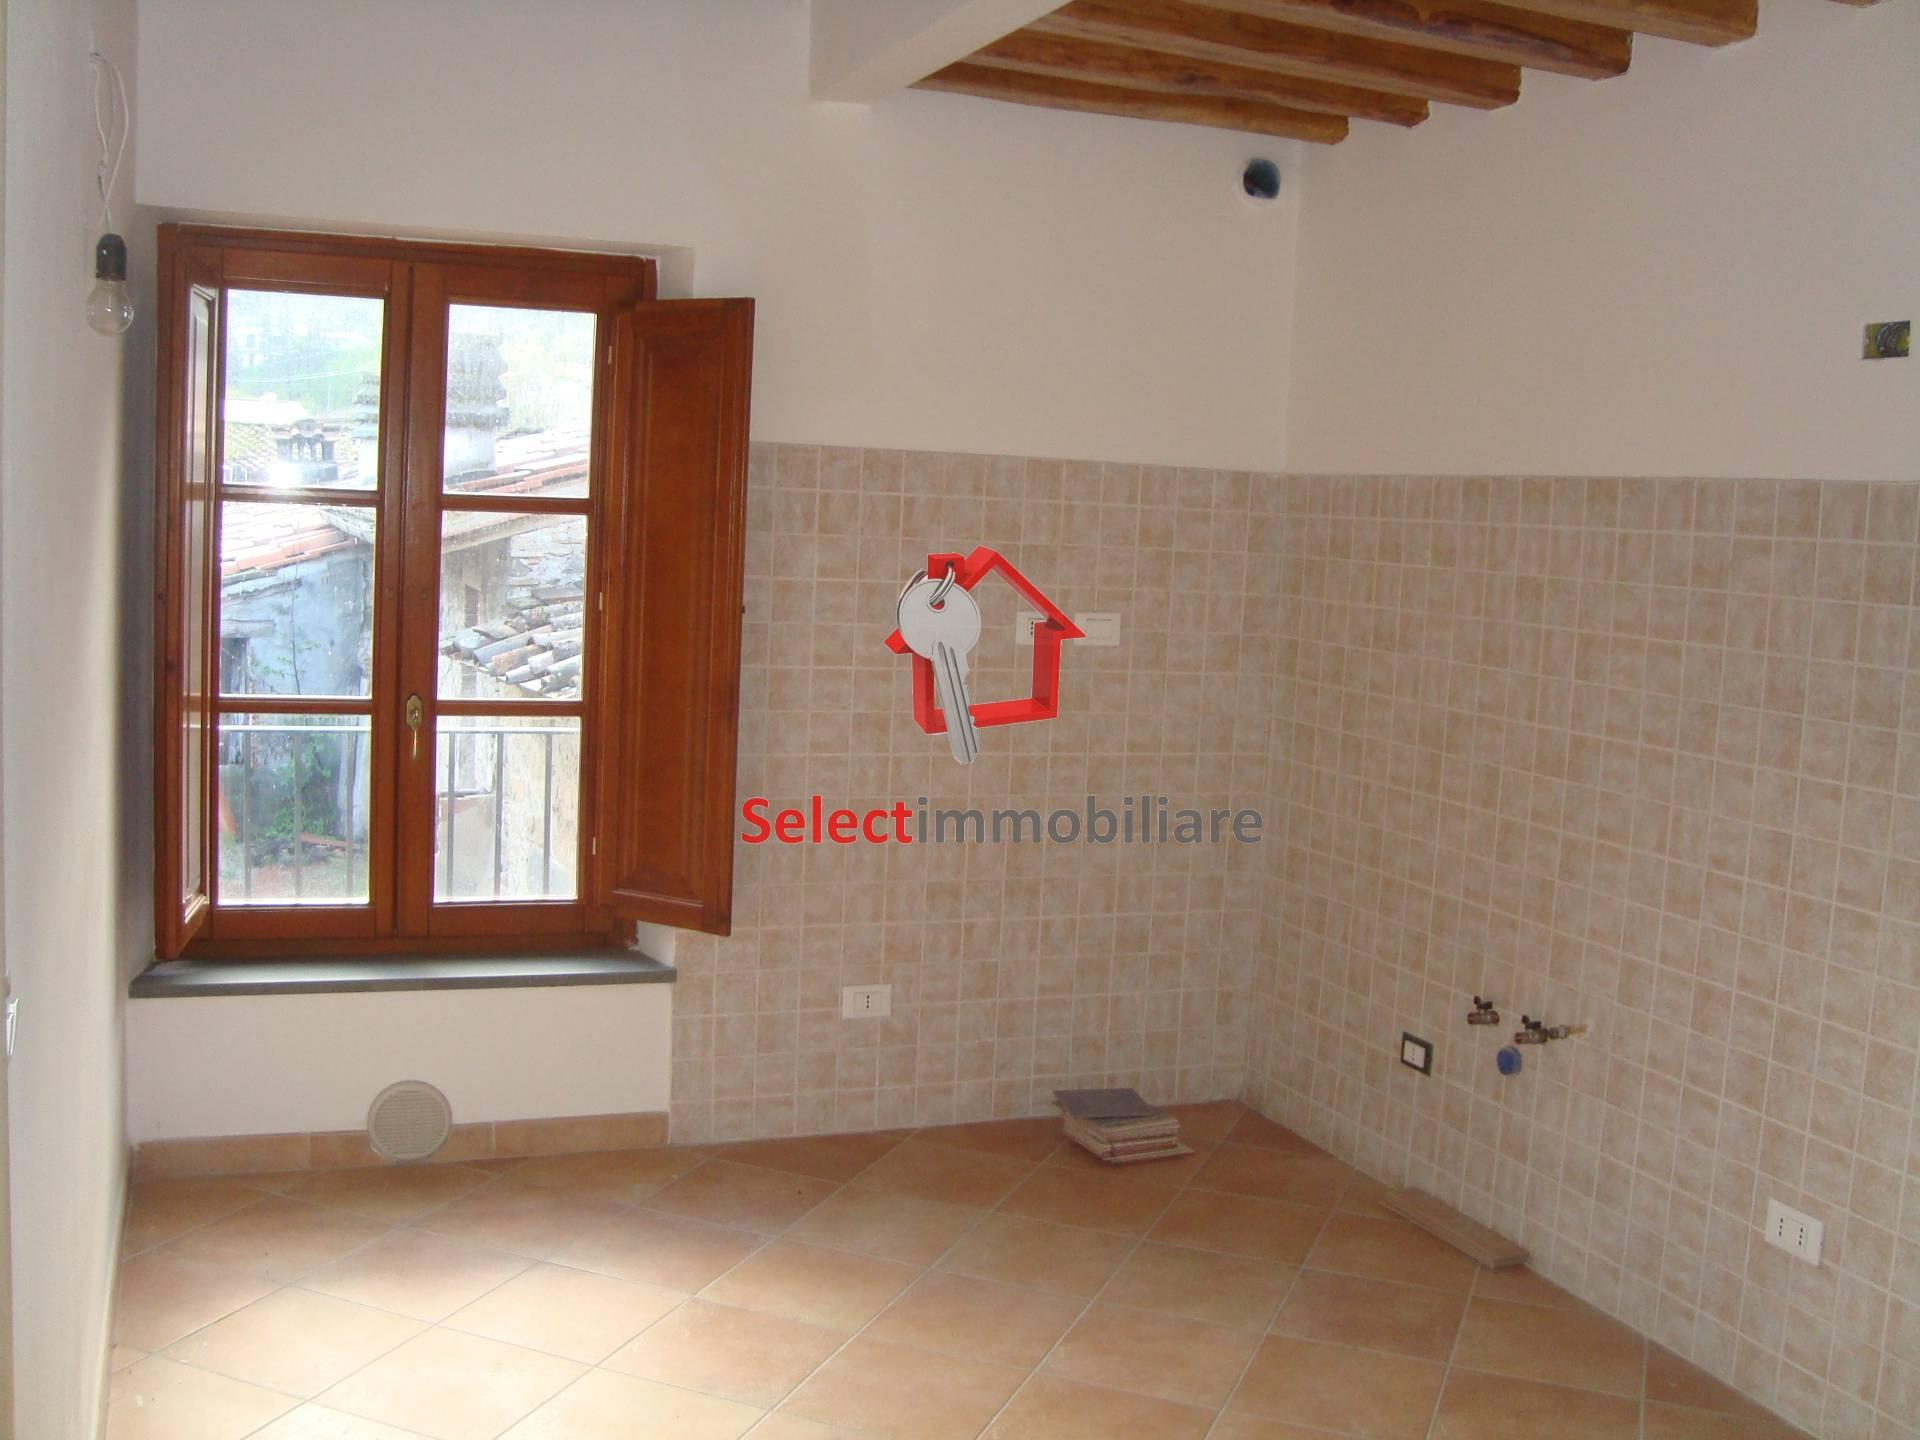 Appartamento in affitto a Borgo a Mozzano, 4 locali, prezzo € 145.000 | Cambio Casa.it